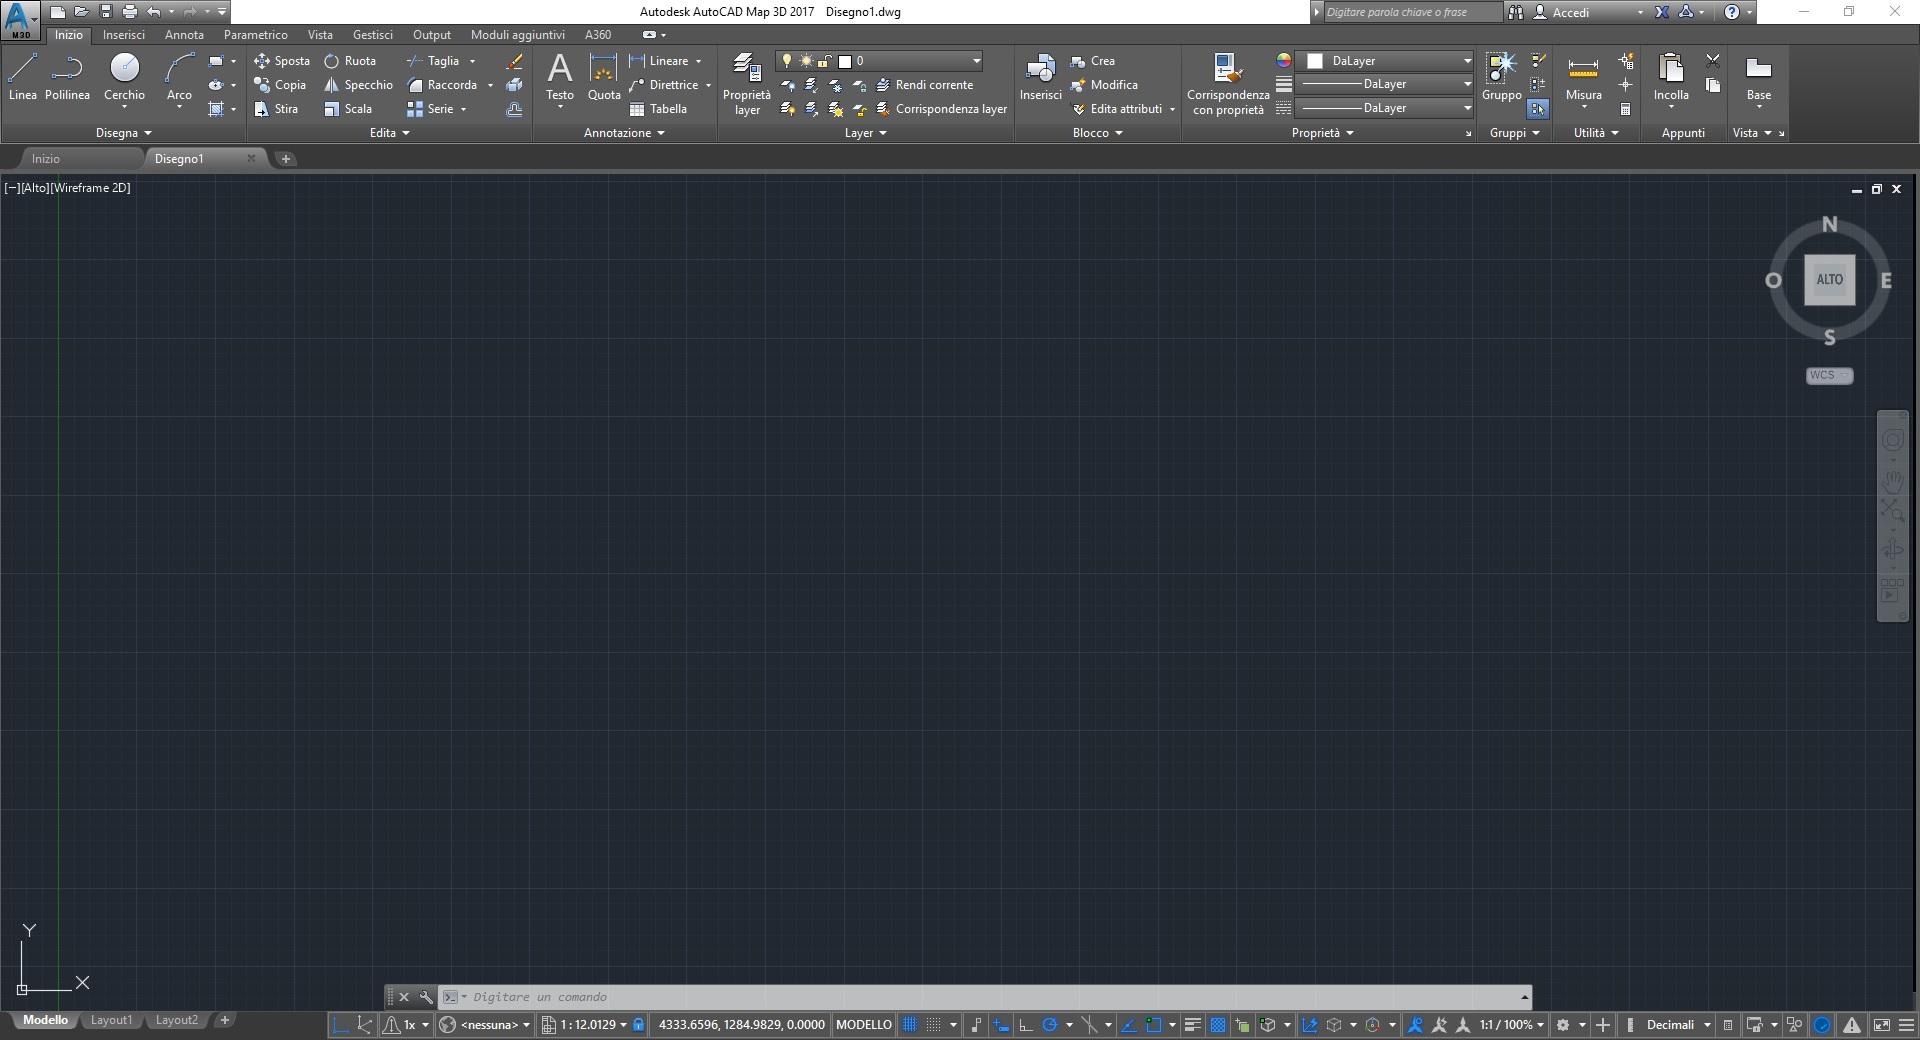 Autodesk AutoCAD Map 3D 2017 64 Bit DOWNLOAD ITA - BestDownloadFree